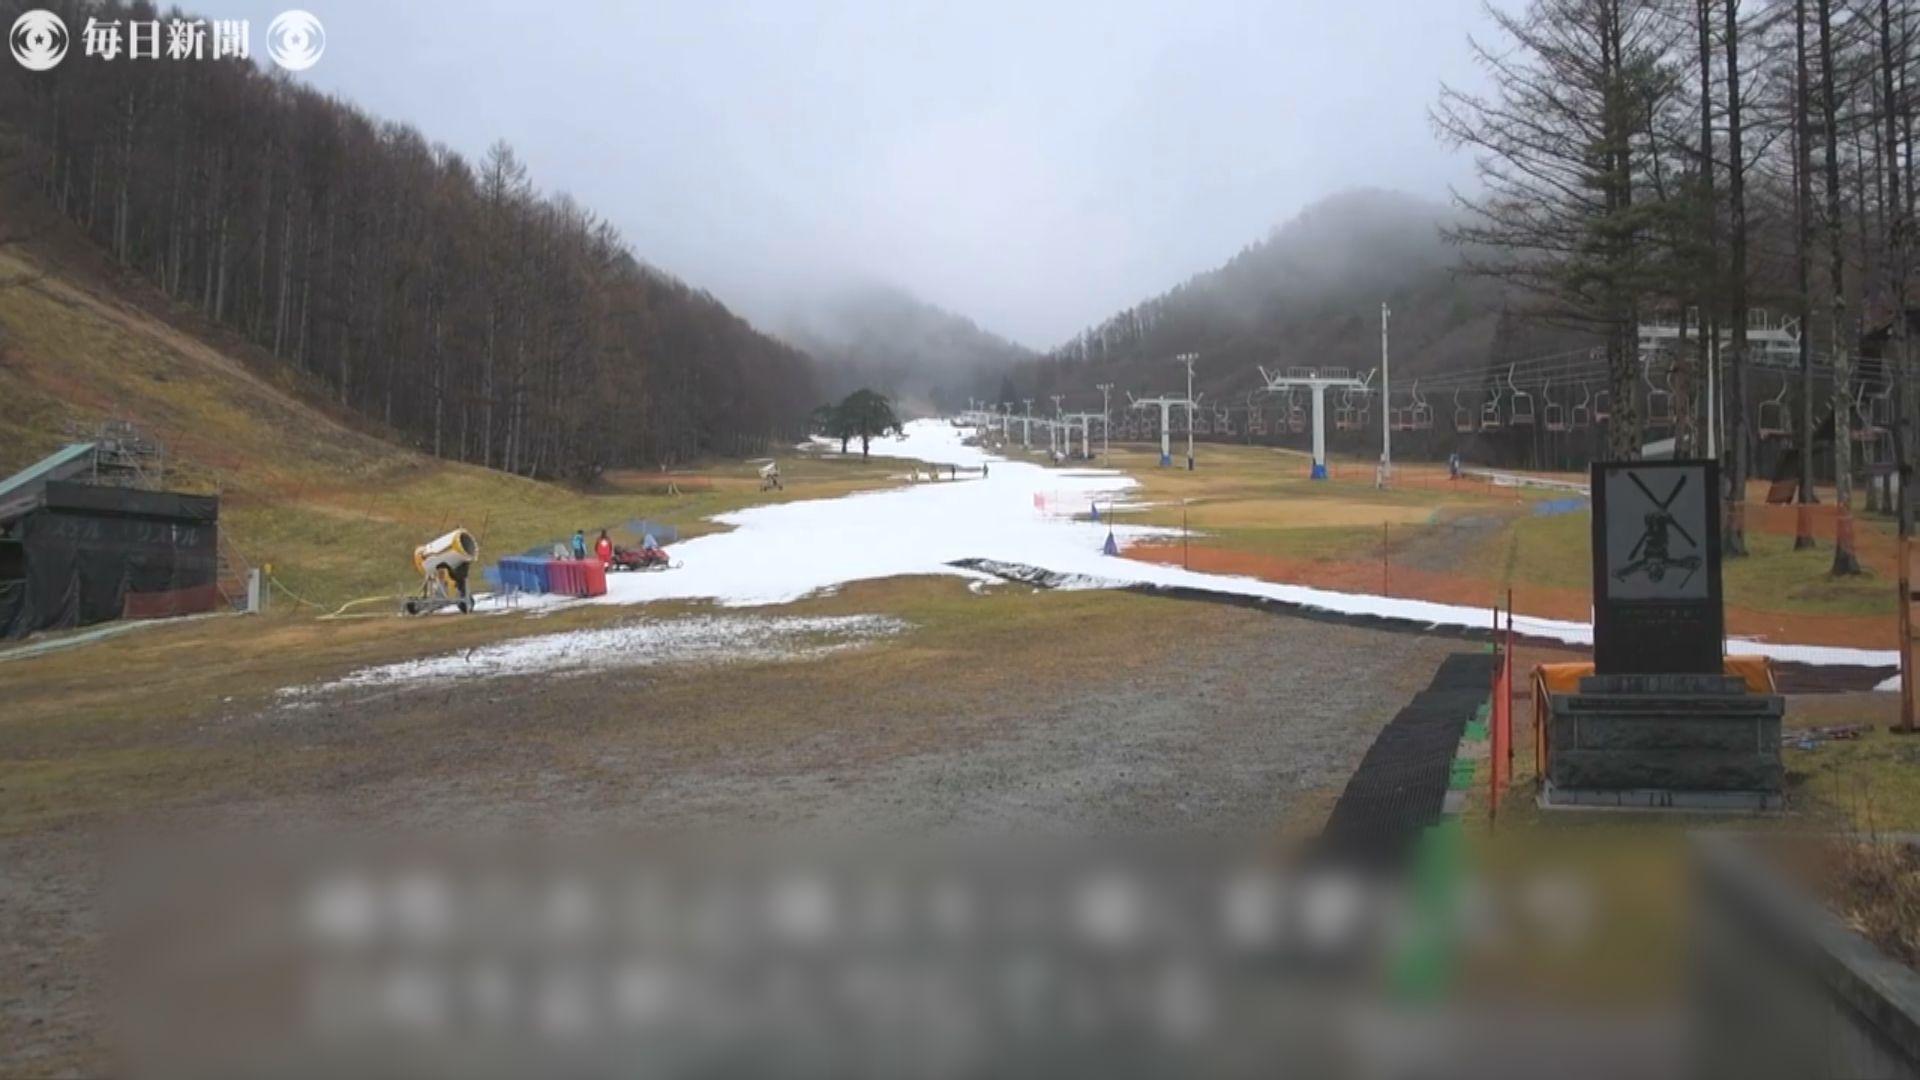 受氣候變化影響日本降雪大減 三成滑雪場無法營業